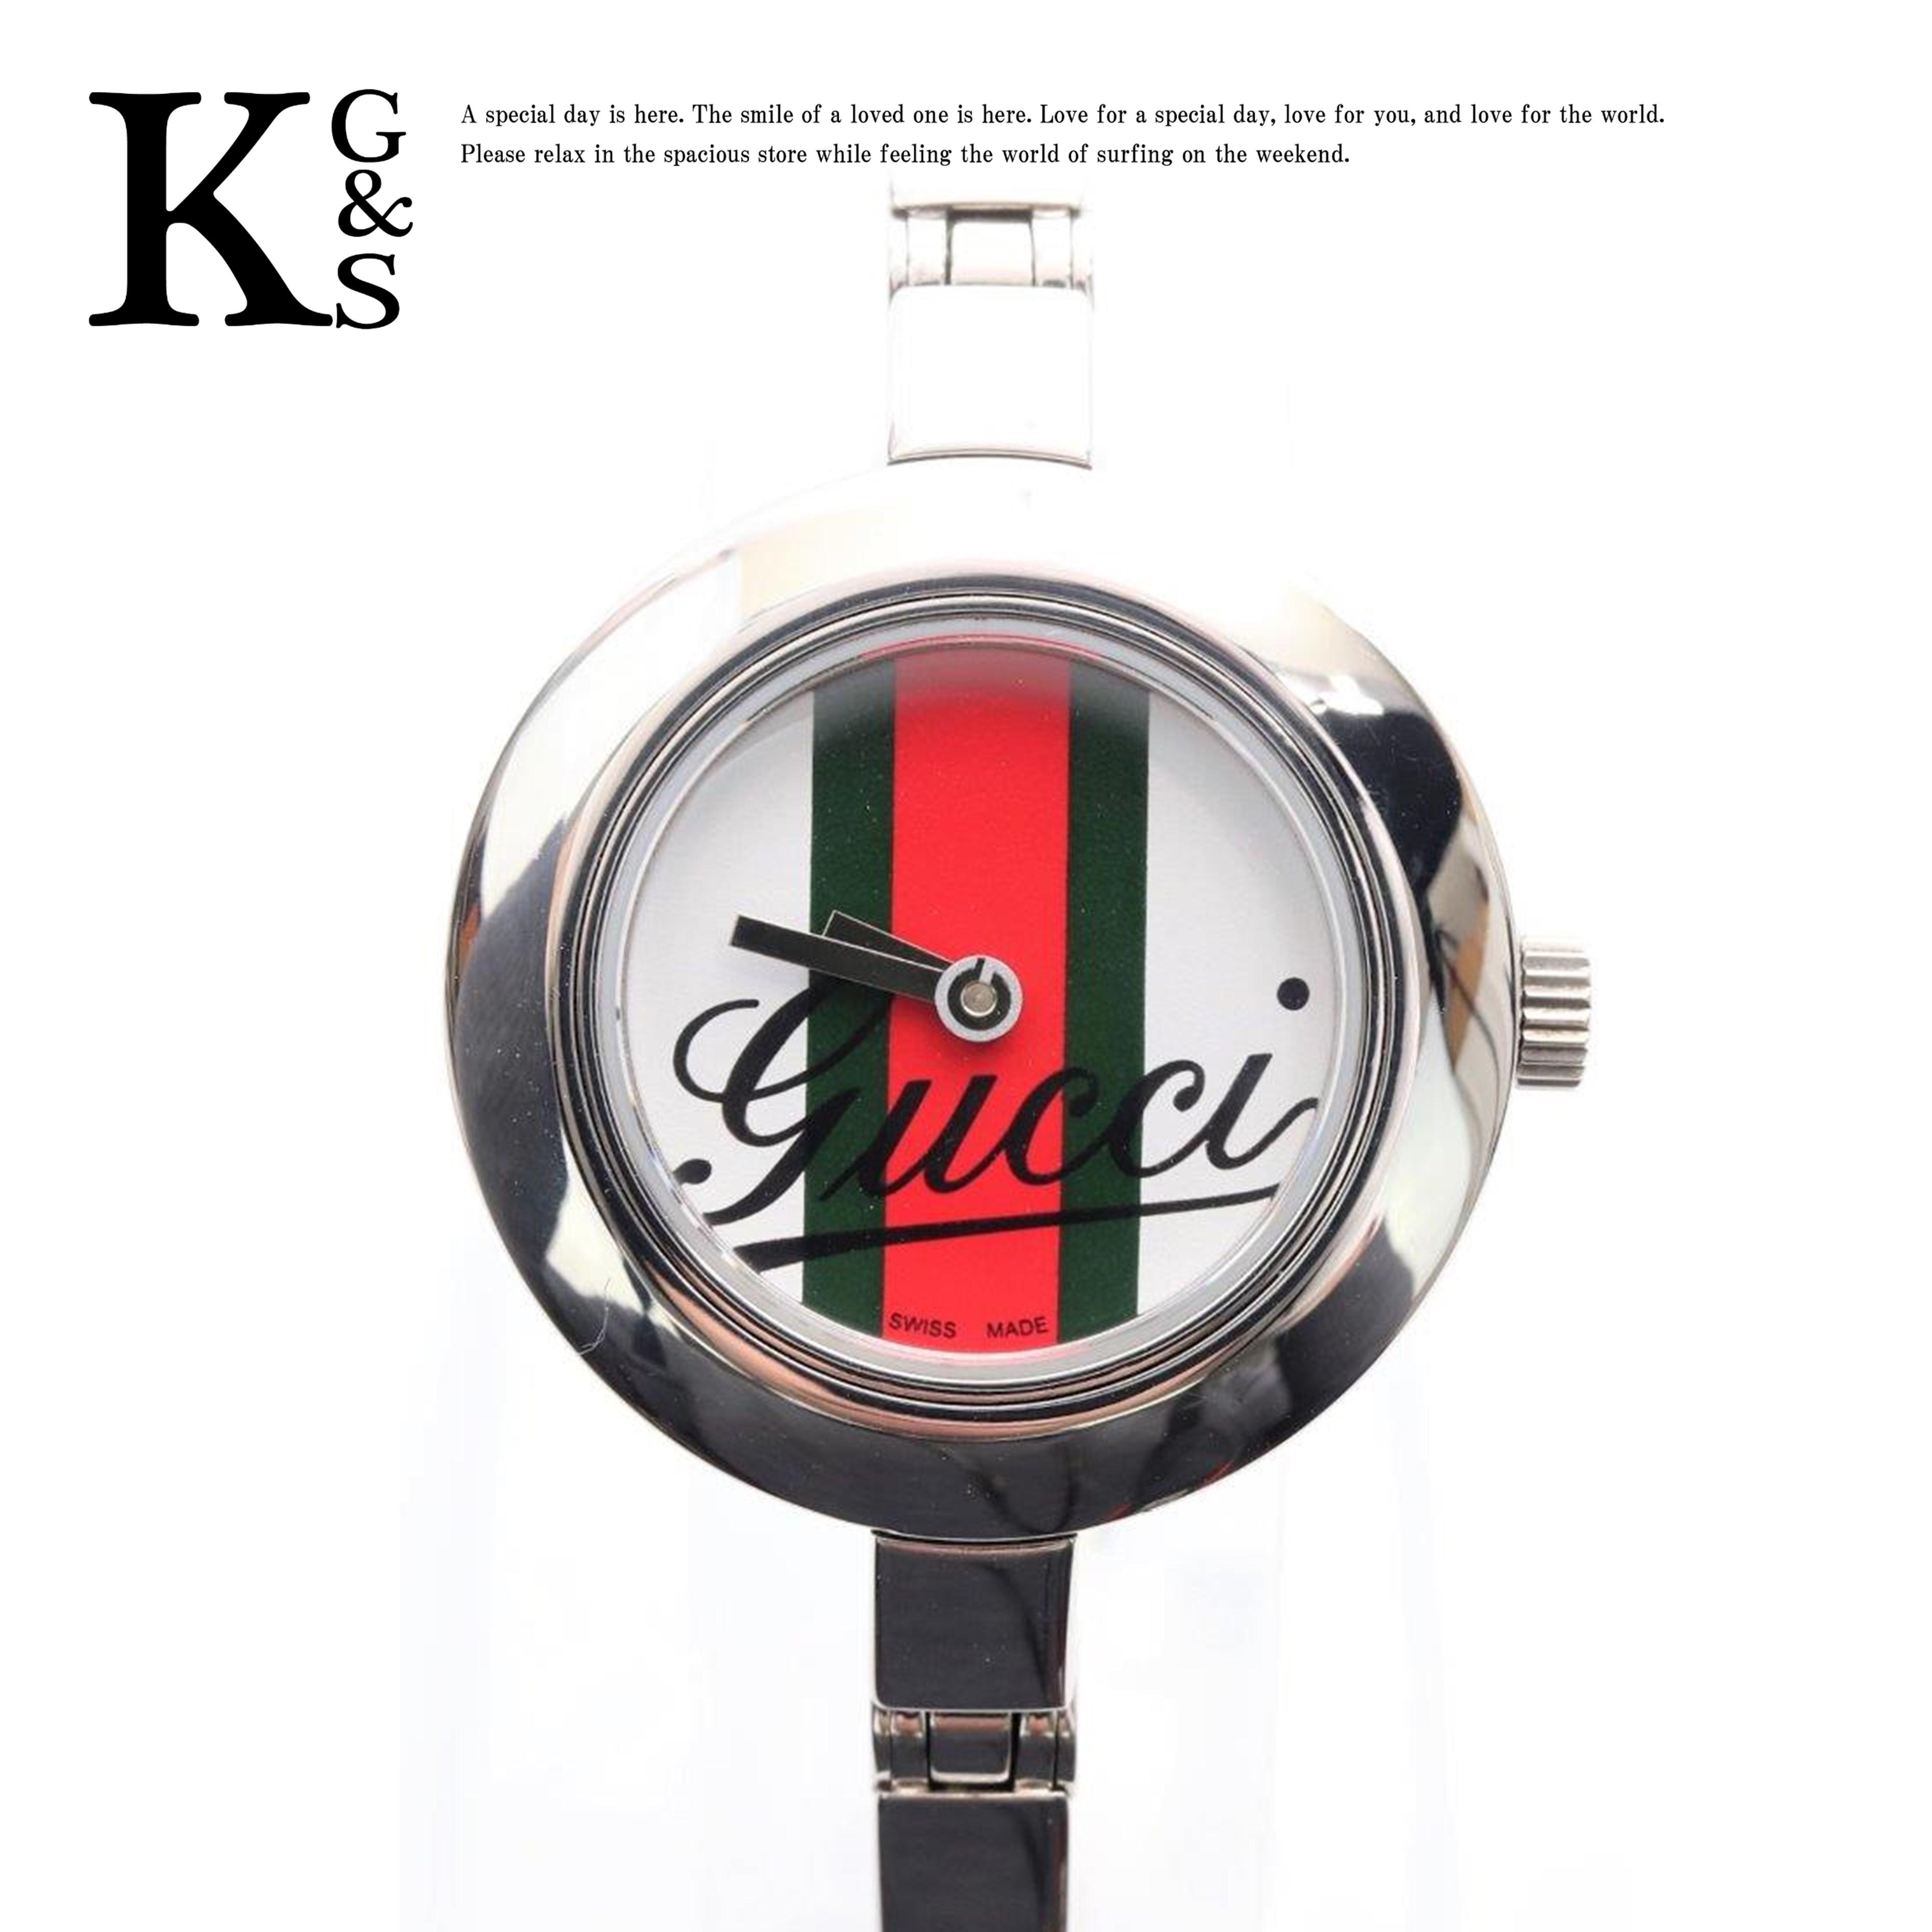 【ギフト品質】グッチ/GUCCI レディース バングルウォッチ 腕時計 シルバー ステンレススチール クオーツ 105